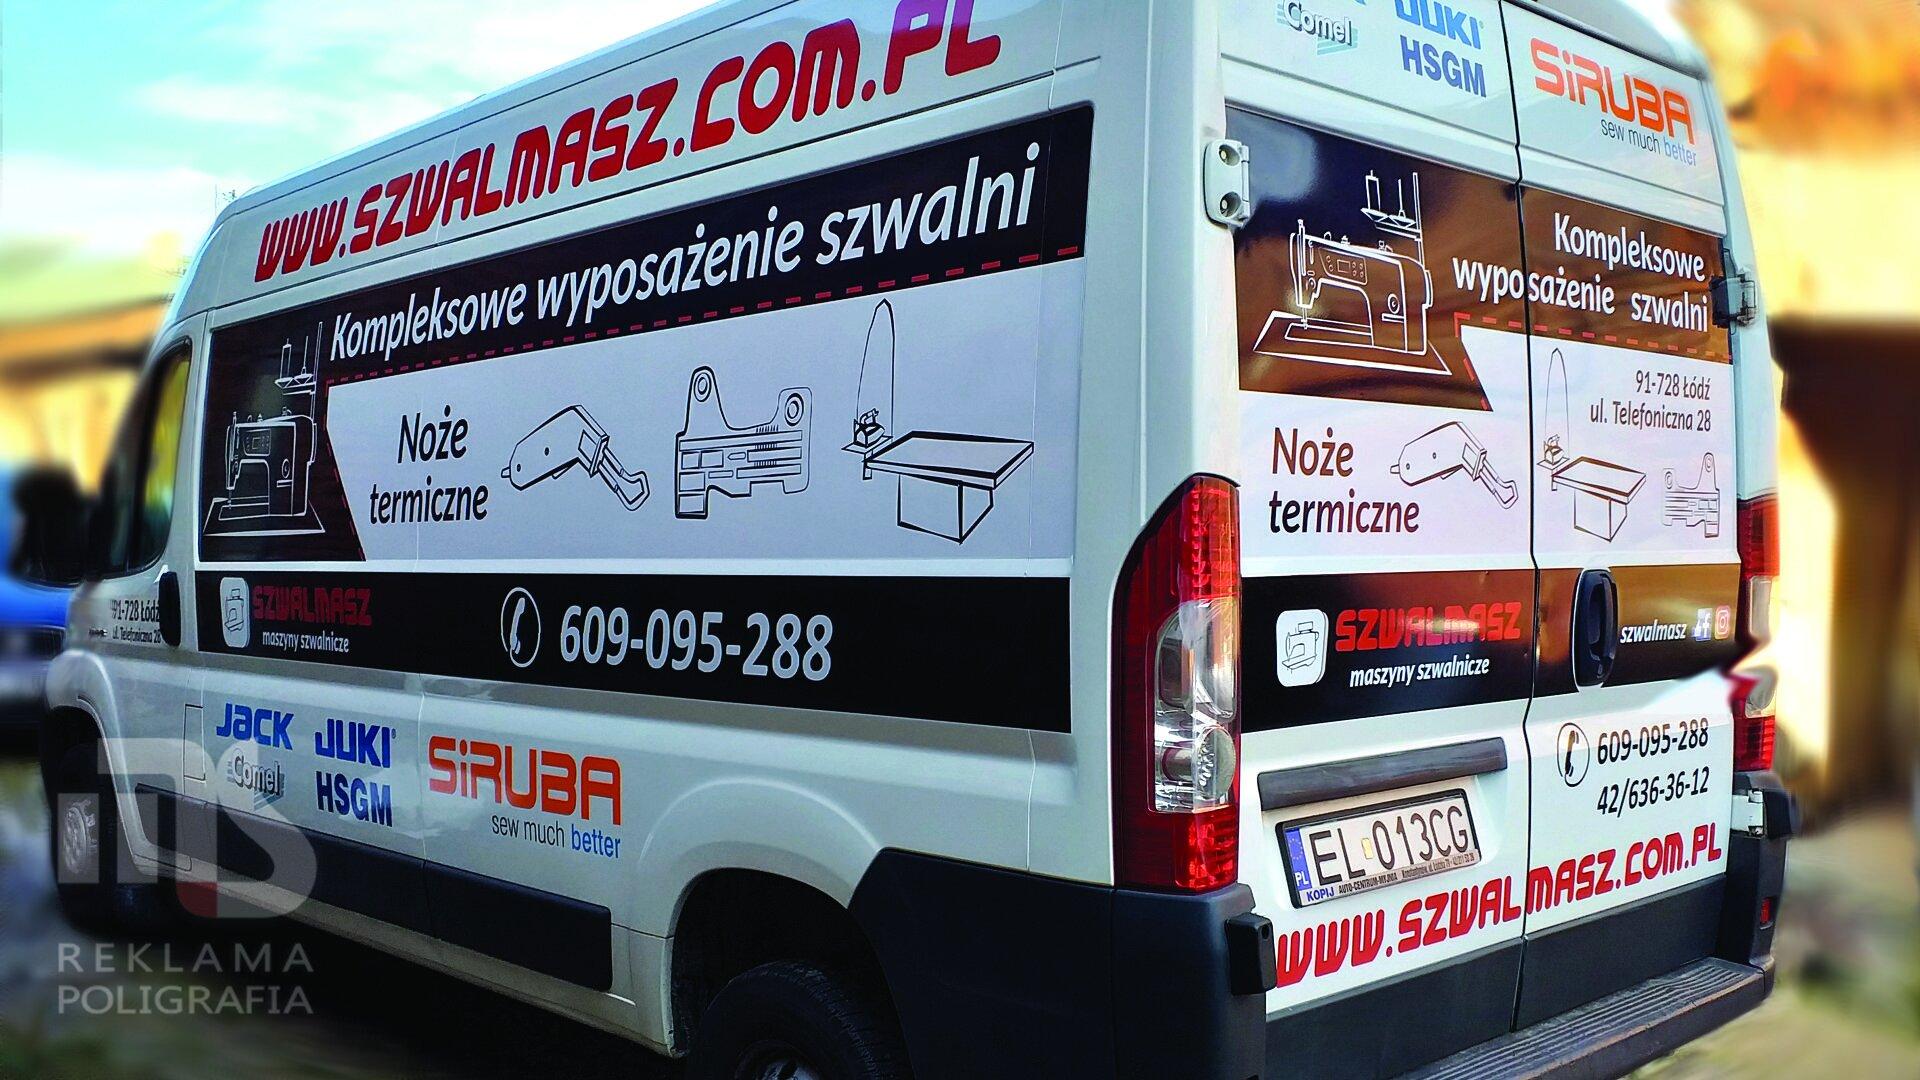 2021 7 reklama mobilna -1920x1080 px-szwalmasz